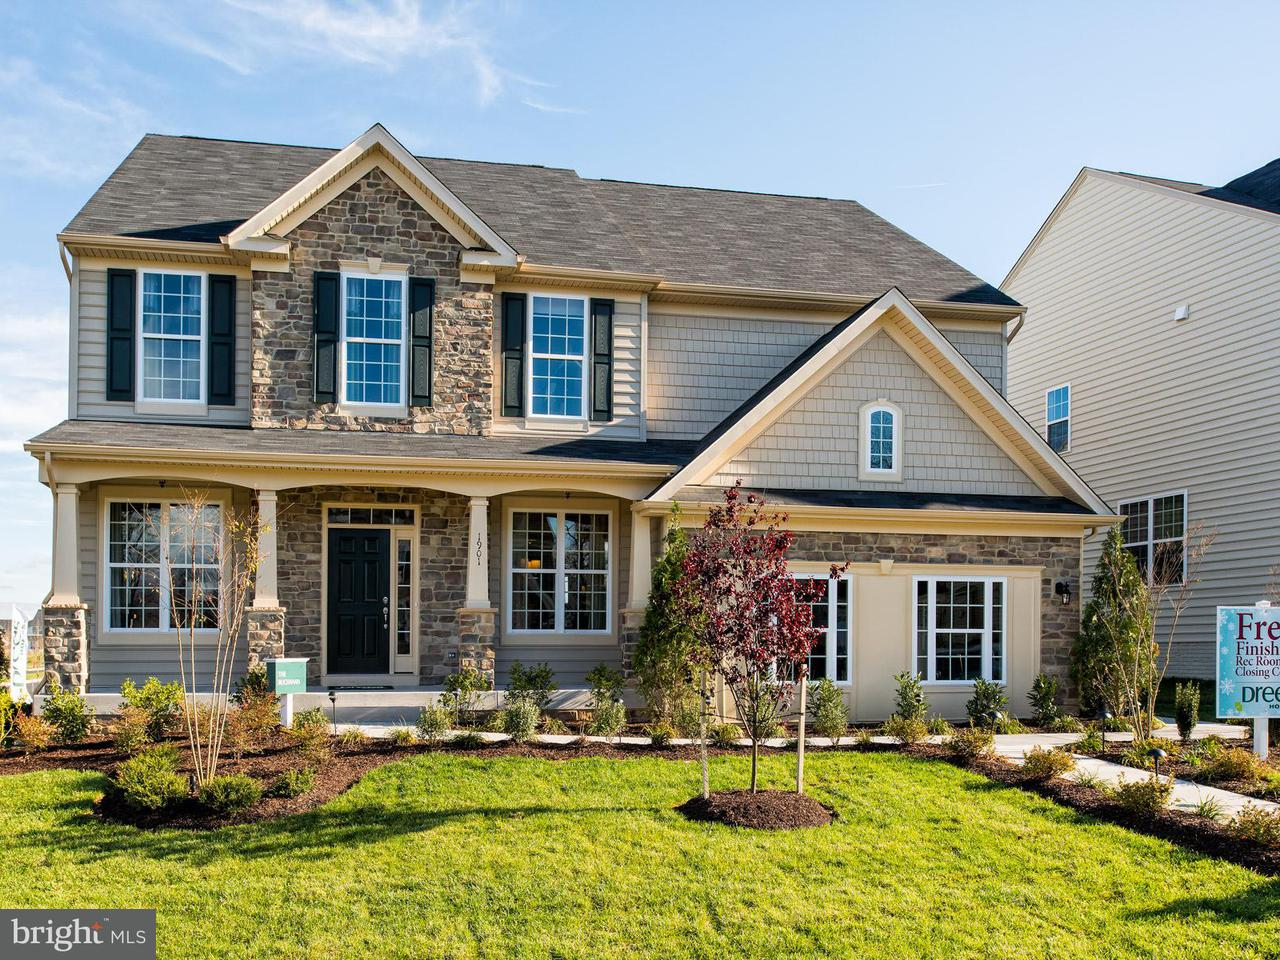 단독 가정 주택 용 매매 에 3629 Donna Court 3629 Donna Court Monrovia, 메릴랜드 21770 미국